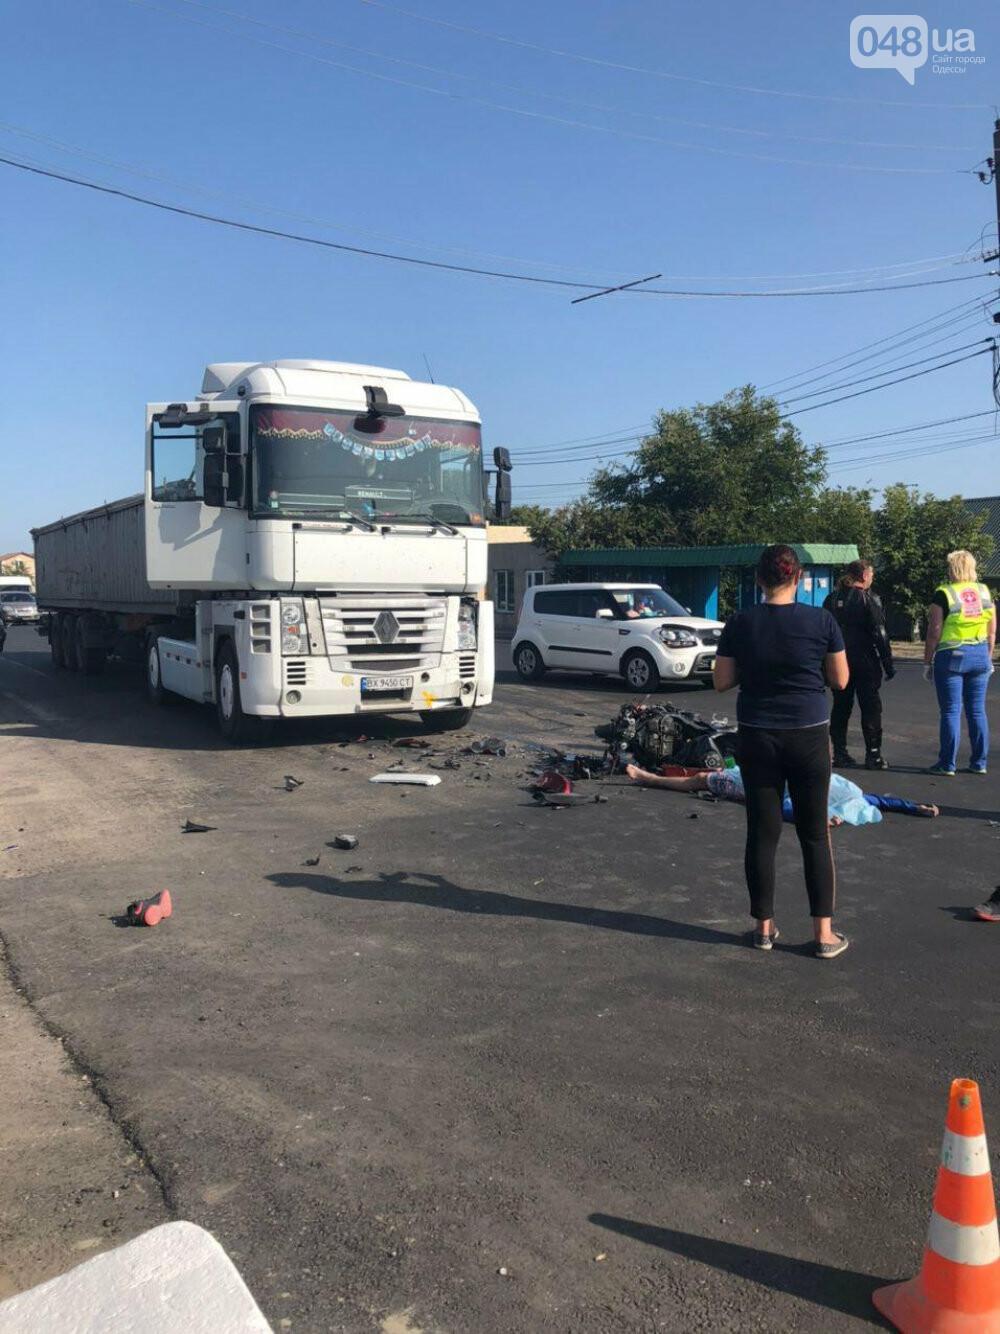 Вблизи Одессы насмерть разбился мотоциклист,- ФОТО, фото-2